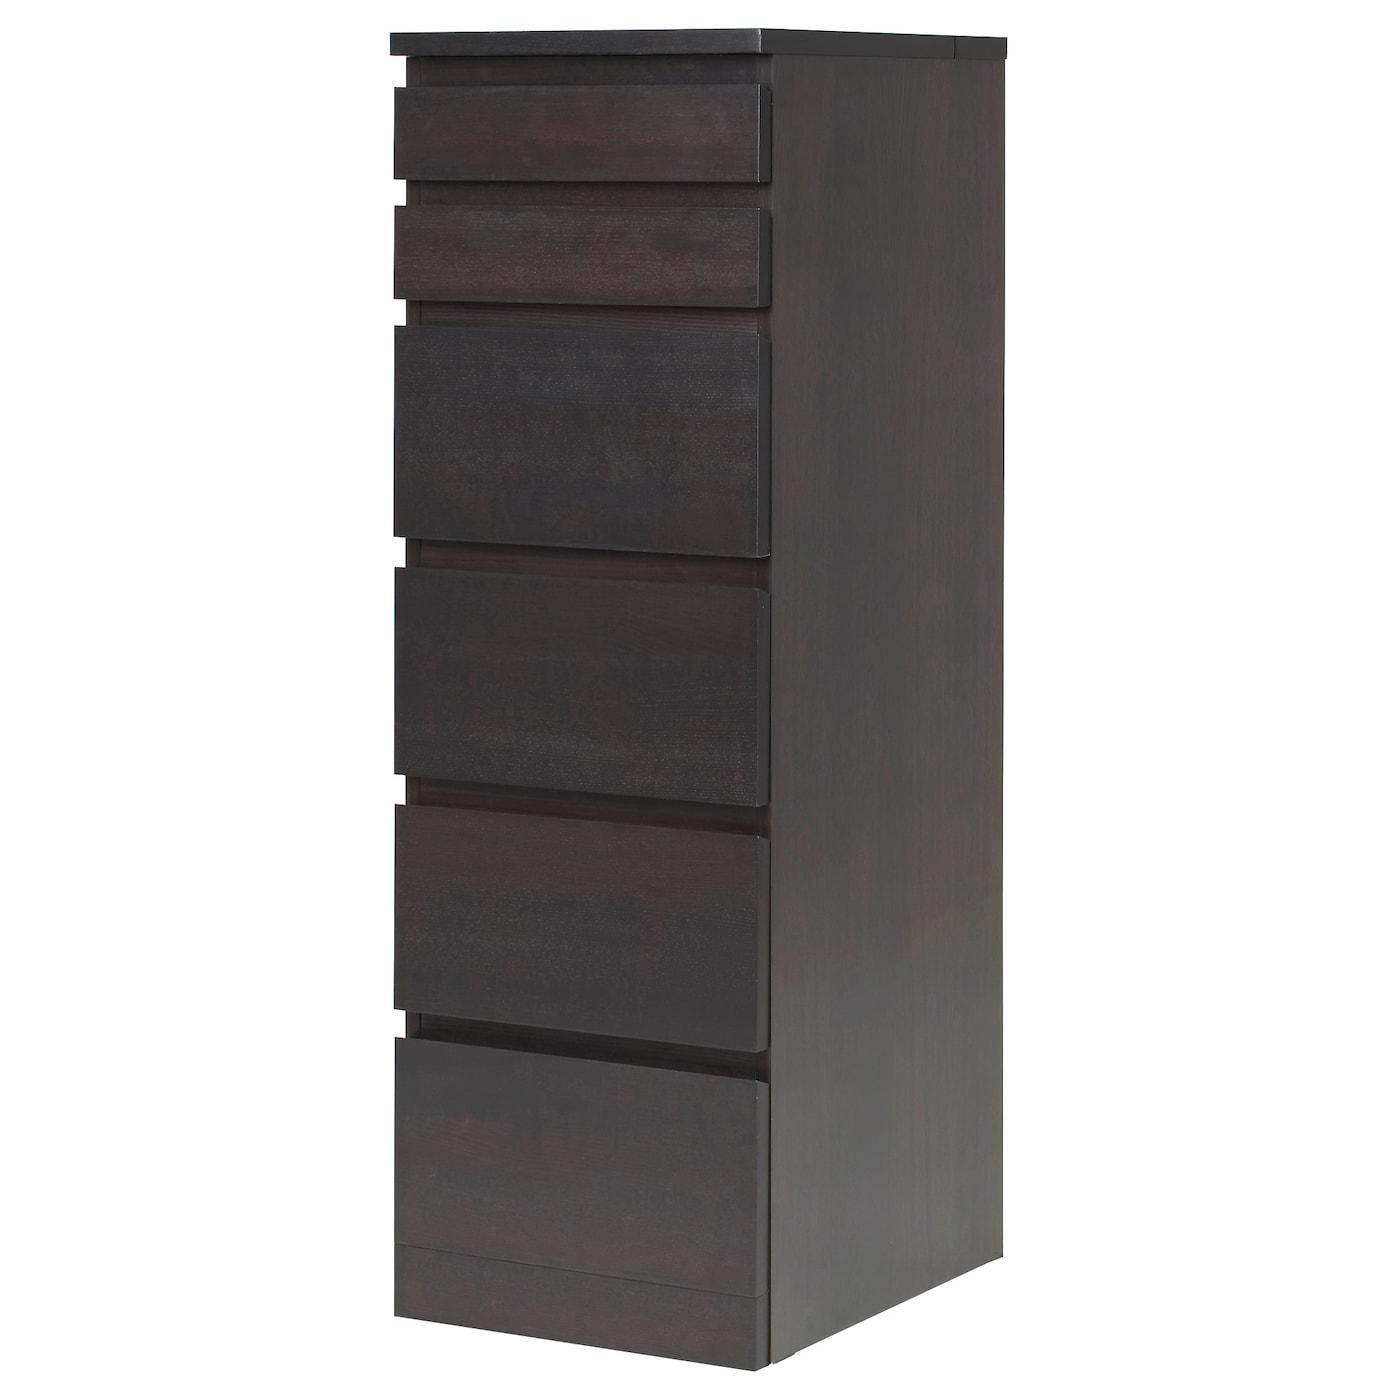 IKEA - MALM Ladekast 6 lades - 40x123 cm - Zwartbruin/spiegelglas